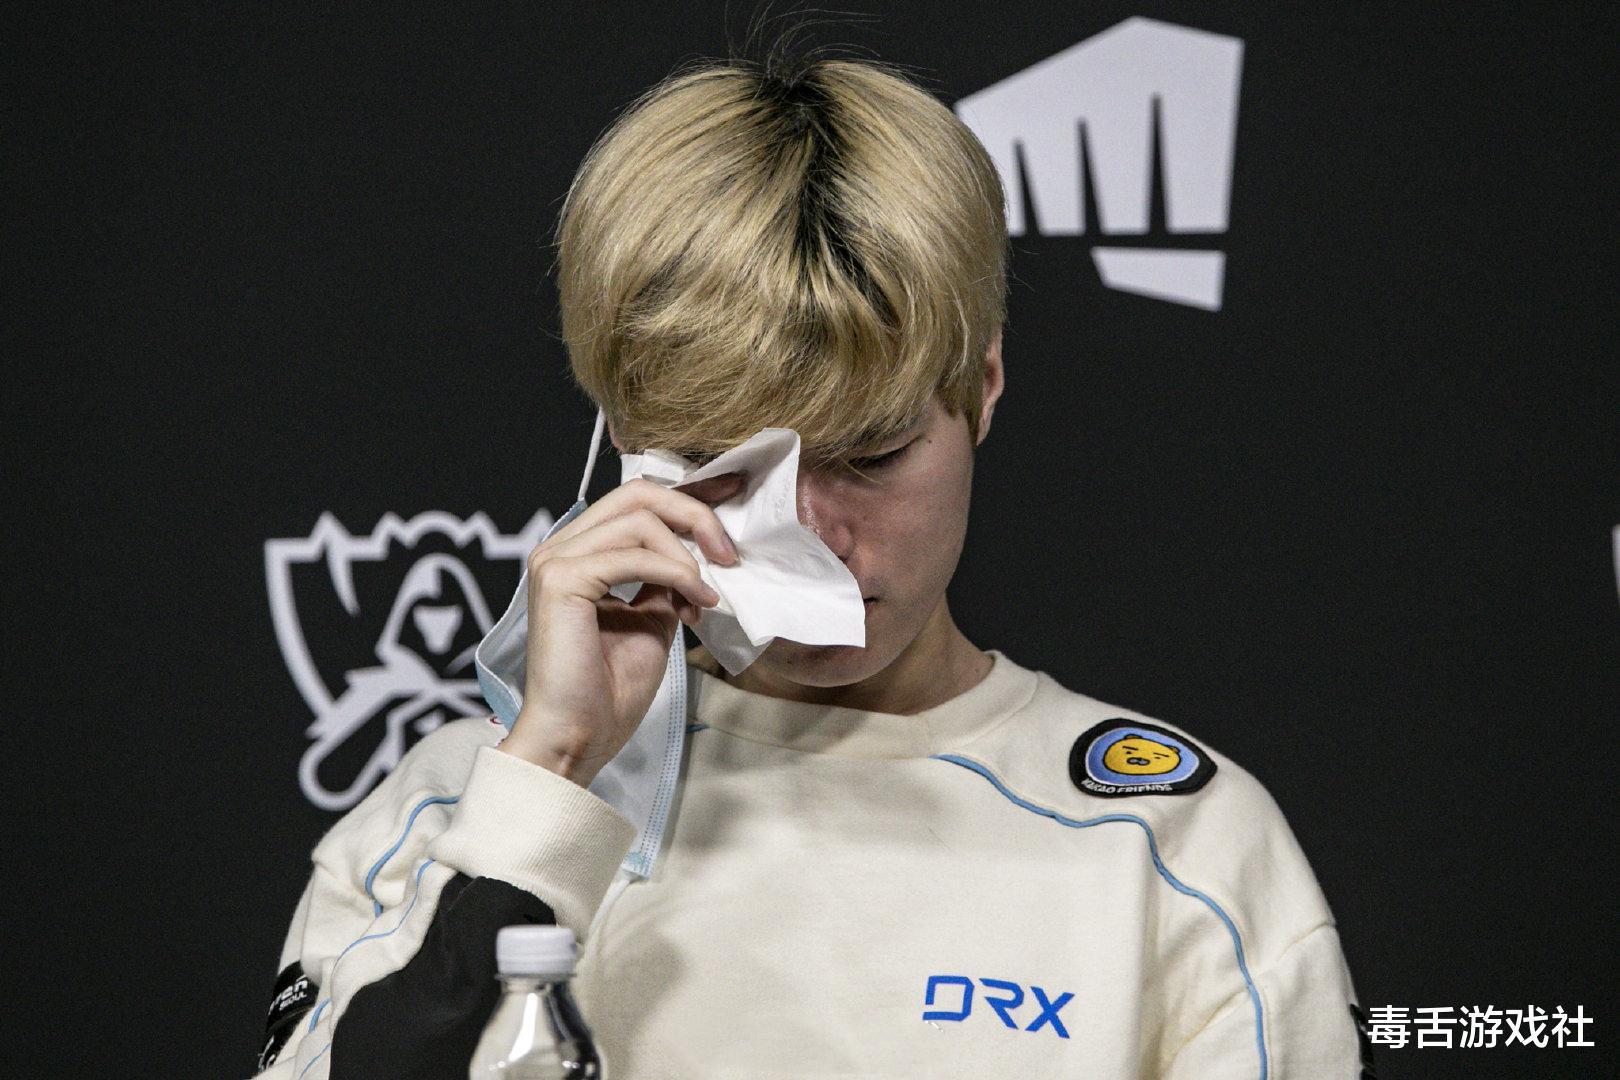 鱼人守卫_DRX止步八强后,Deft掩面痛哭,他说的这句话令JKL为之点赞-第3张图片-游戏摸鱼怪